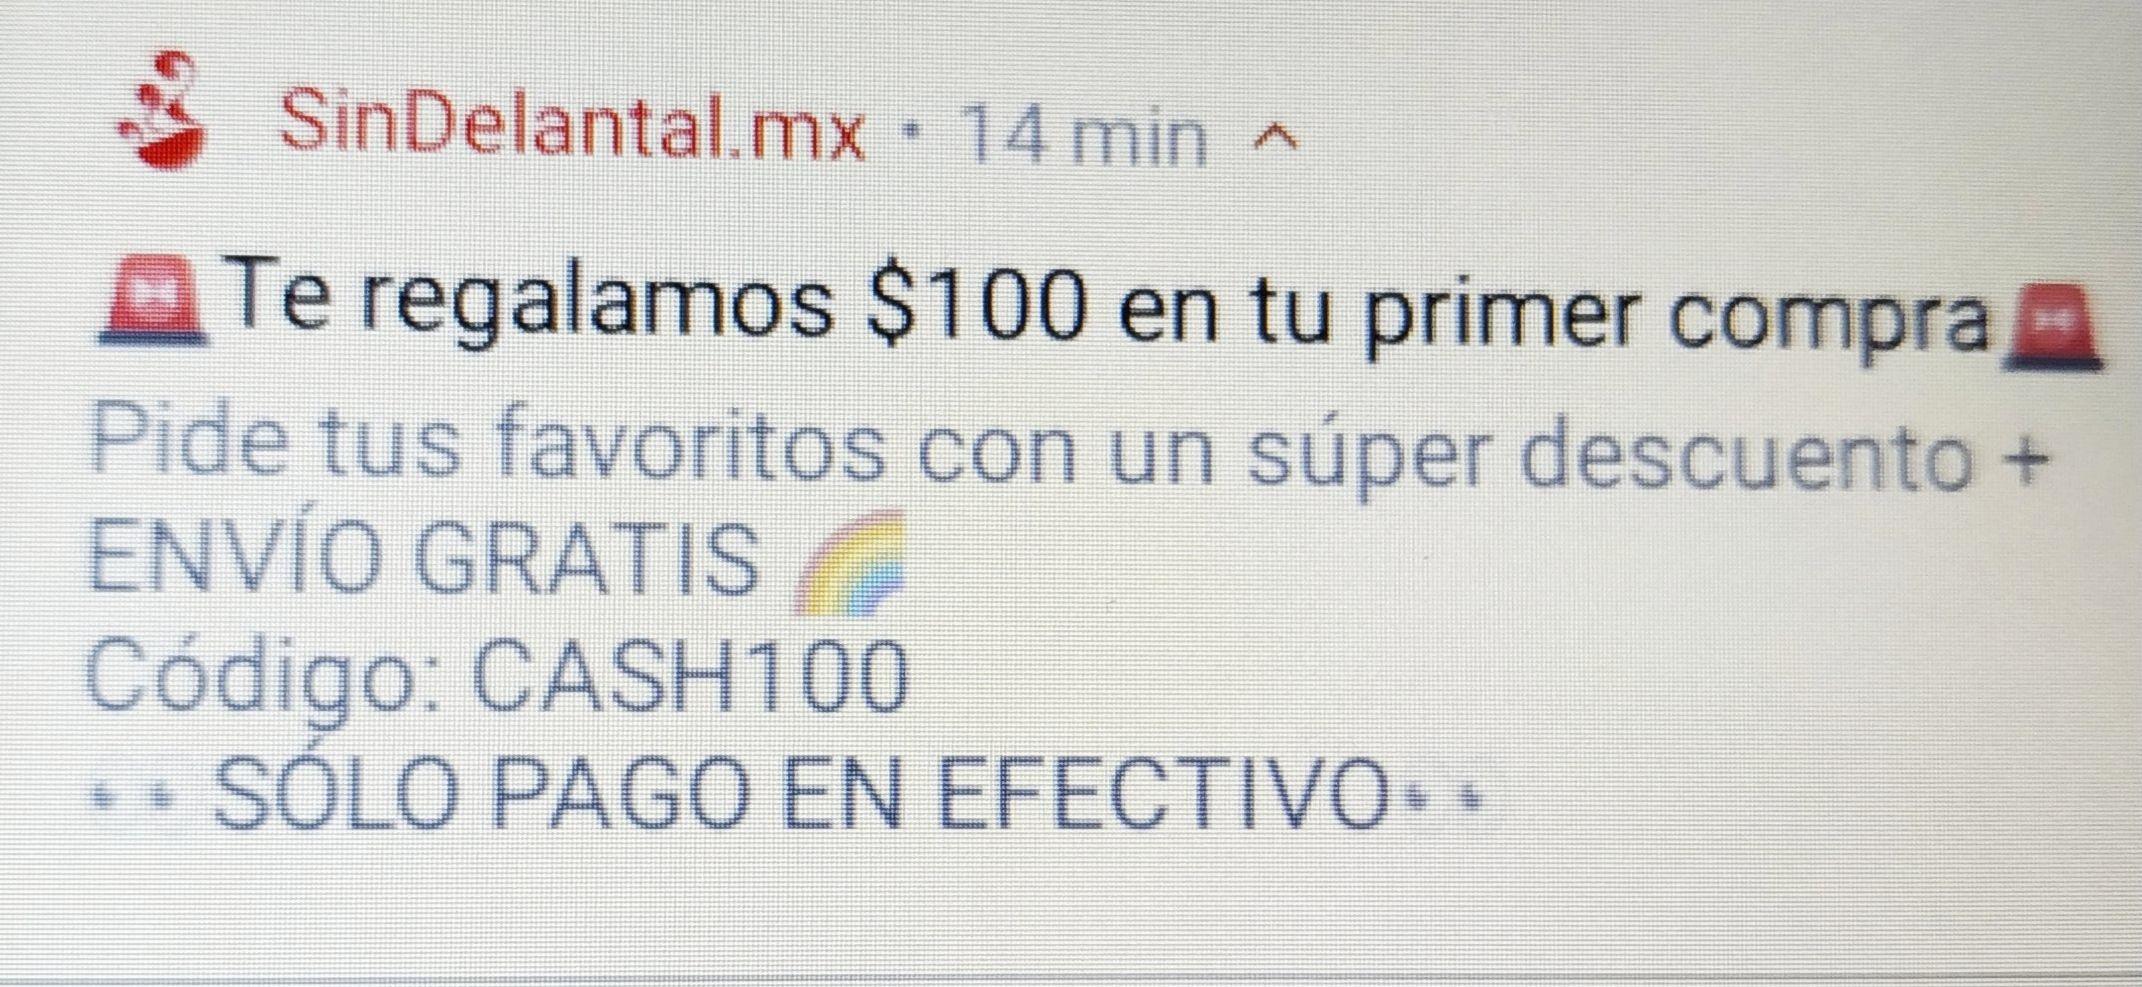 SinDelantal: $100 de descuento + envío gratis pagando con efectivo (nuevos usuarios)